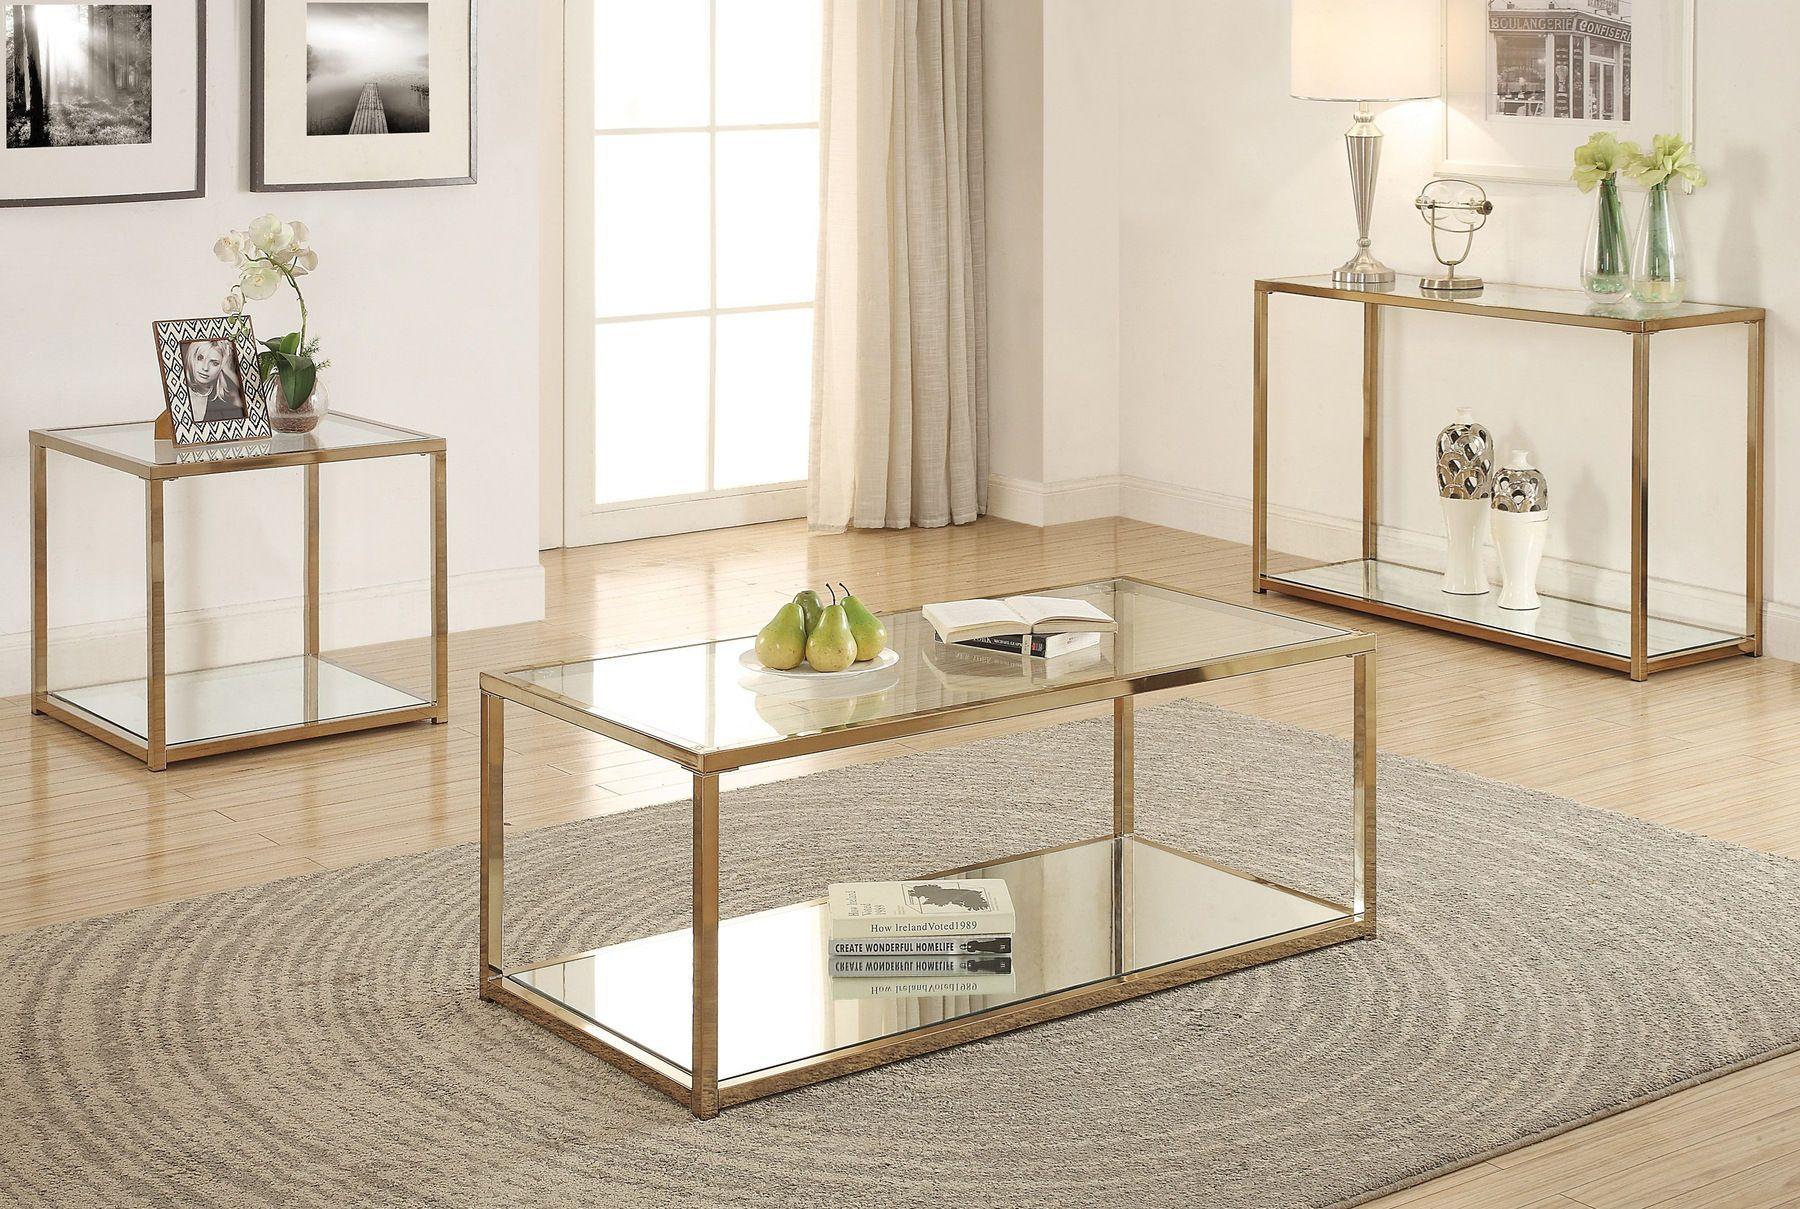 Cs238 Coffee Table 705238 Coaster Furniture Coffee Tables In 2021 Coffee Table Furniture Coaster Furniture [ 1209 x 1800 Pixel ]